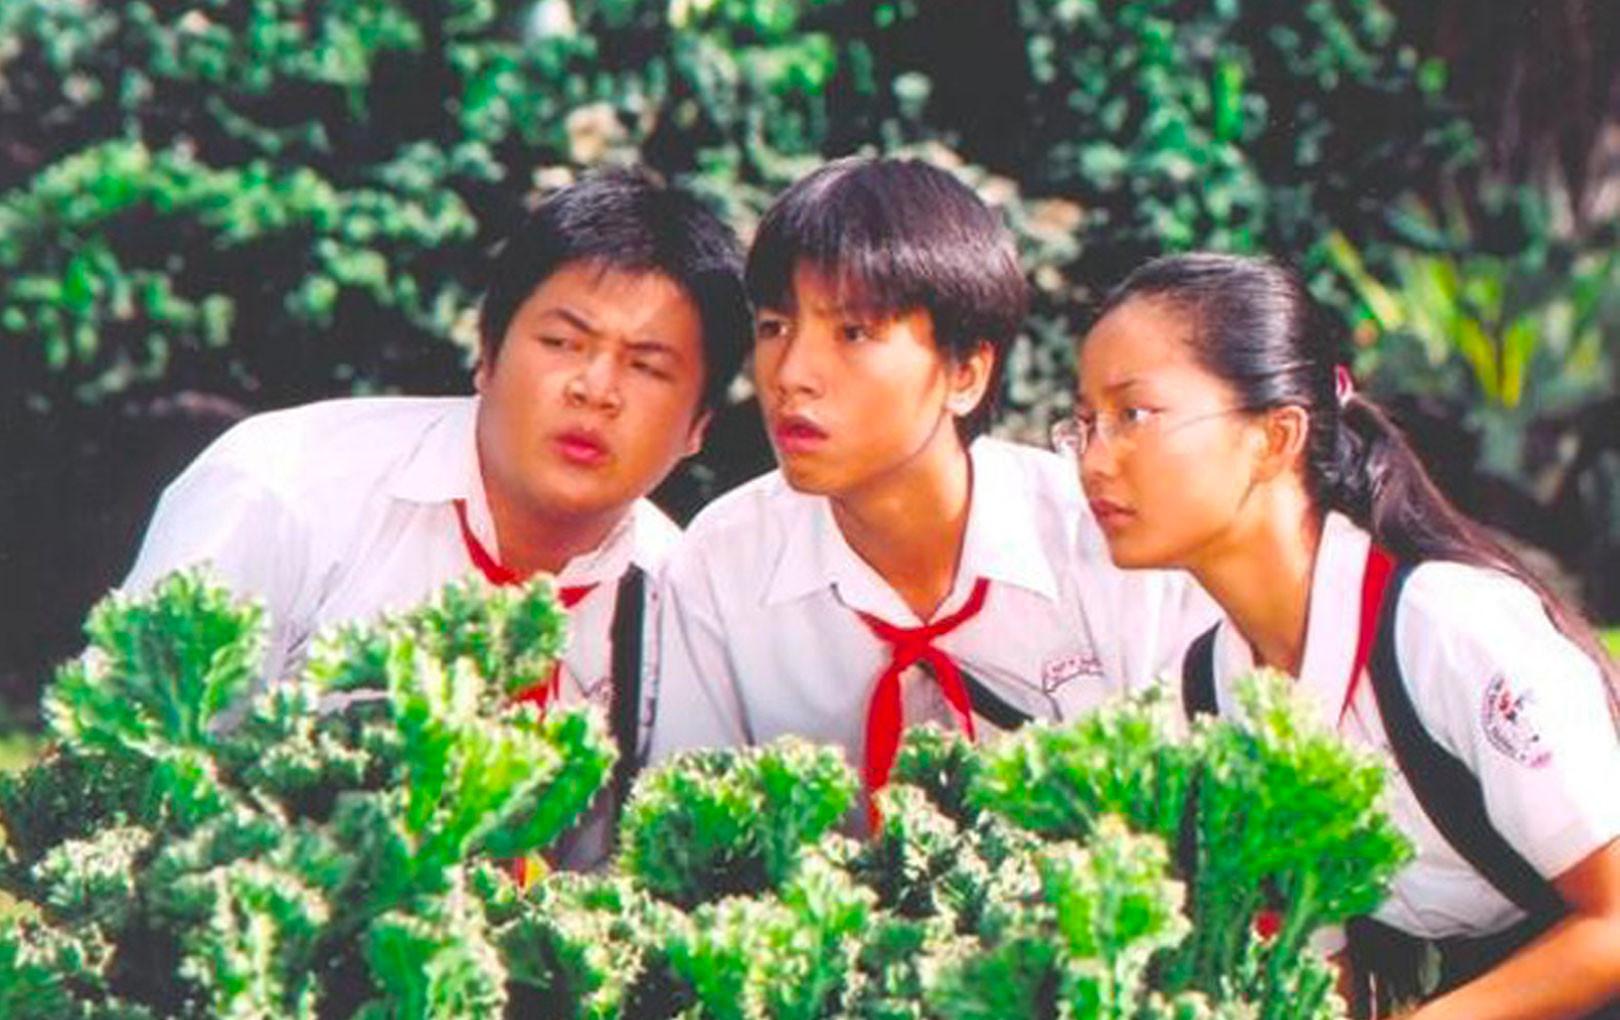 """Dàn sao nhí """"Kính vạn hoa"""" sau 15 năm: Tiểu Long lên xe hoa với mối tình  thời đi học, Quý ròm đã làm... - Yeah1 Music"""